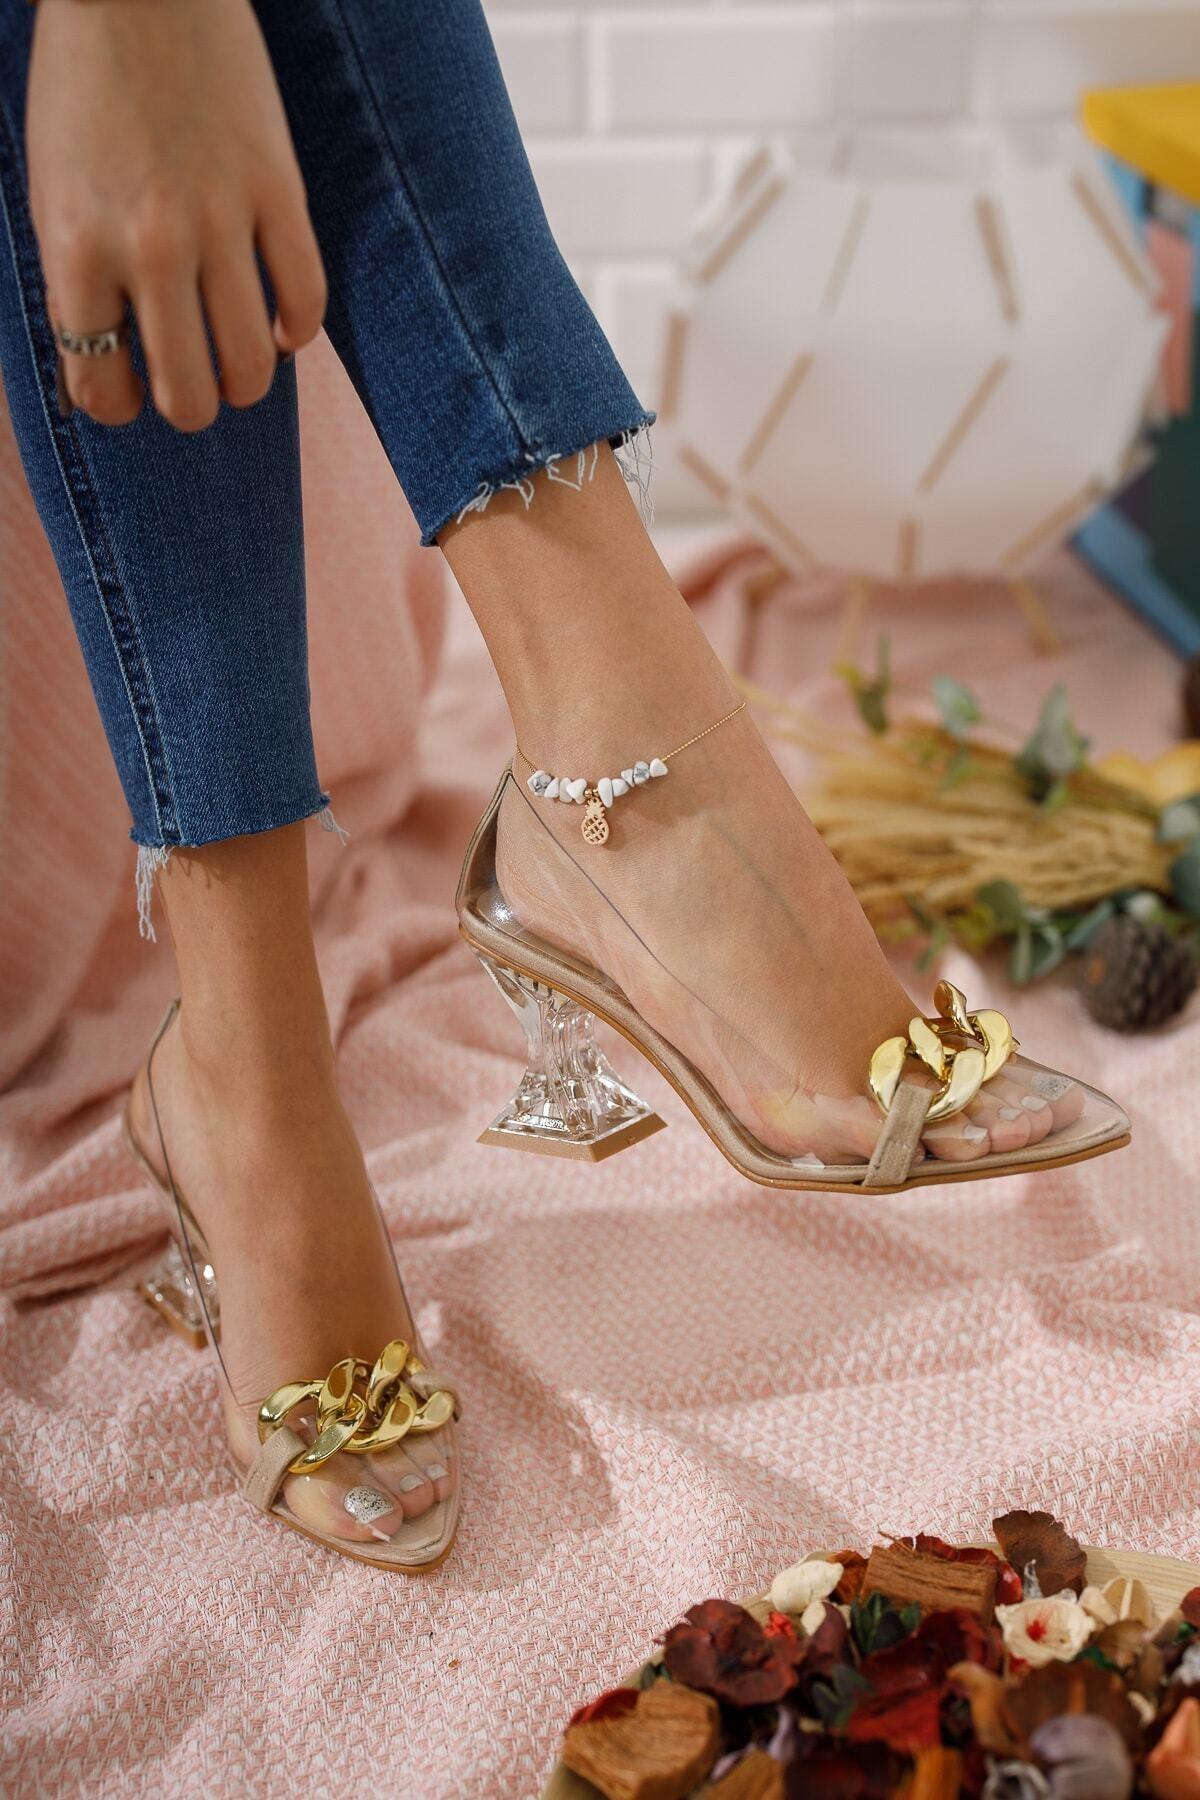 FORS SHOES Kadın Ayakkabı Ten Süet Tokalı Şeffaf Topuklu Ayakkabı 1